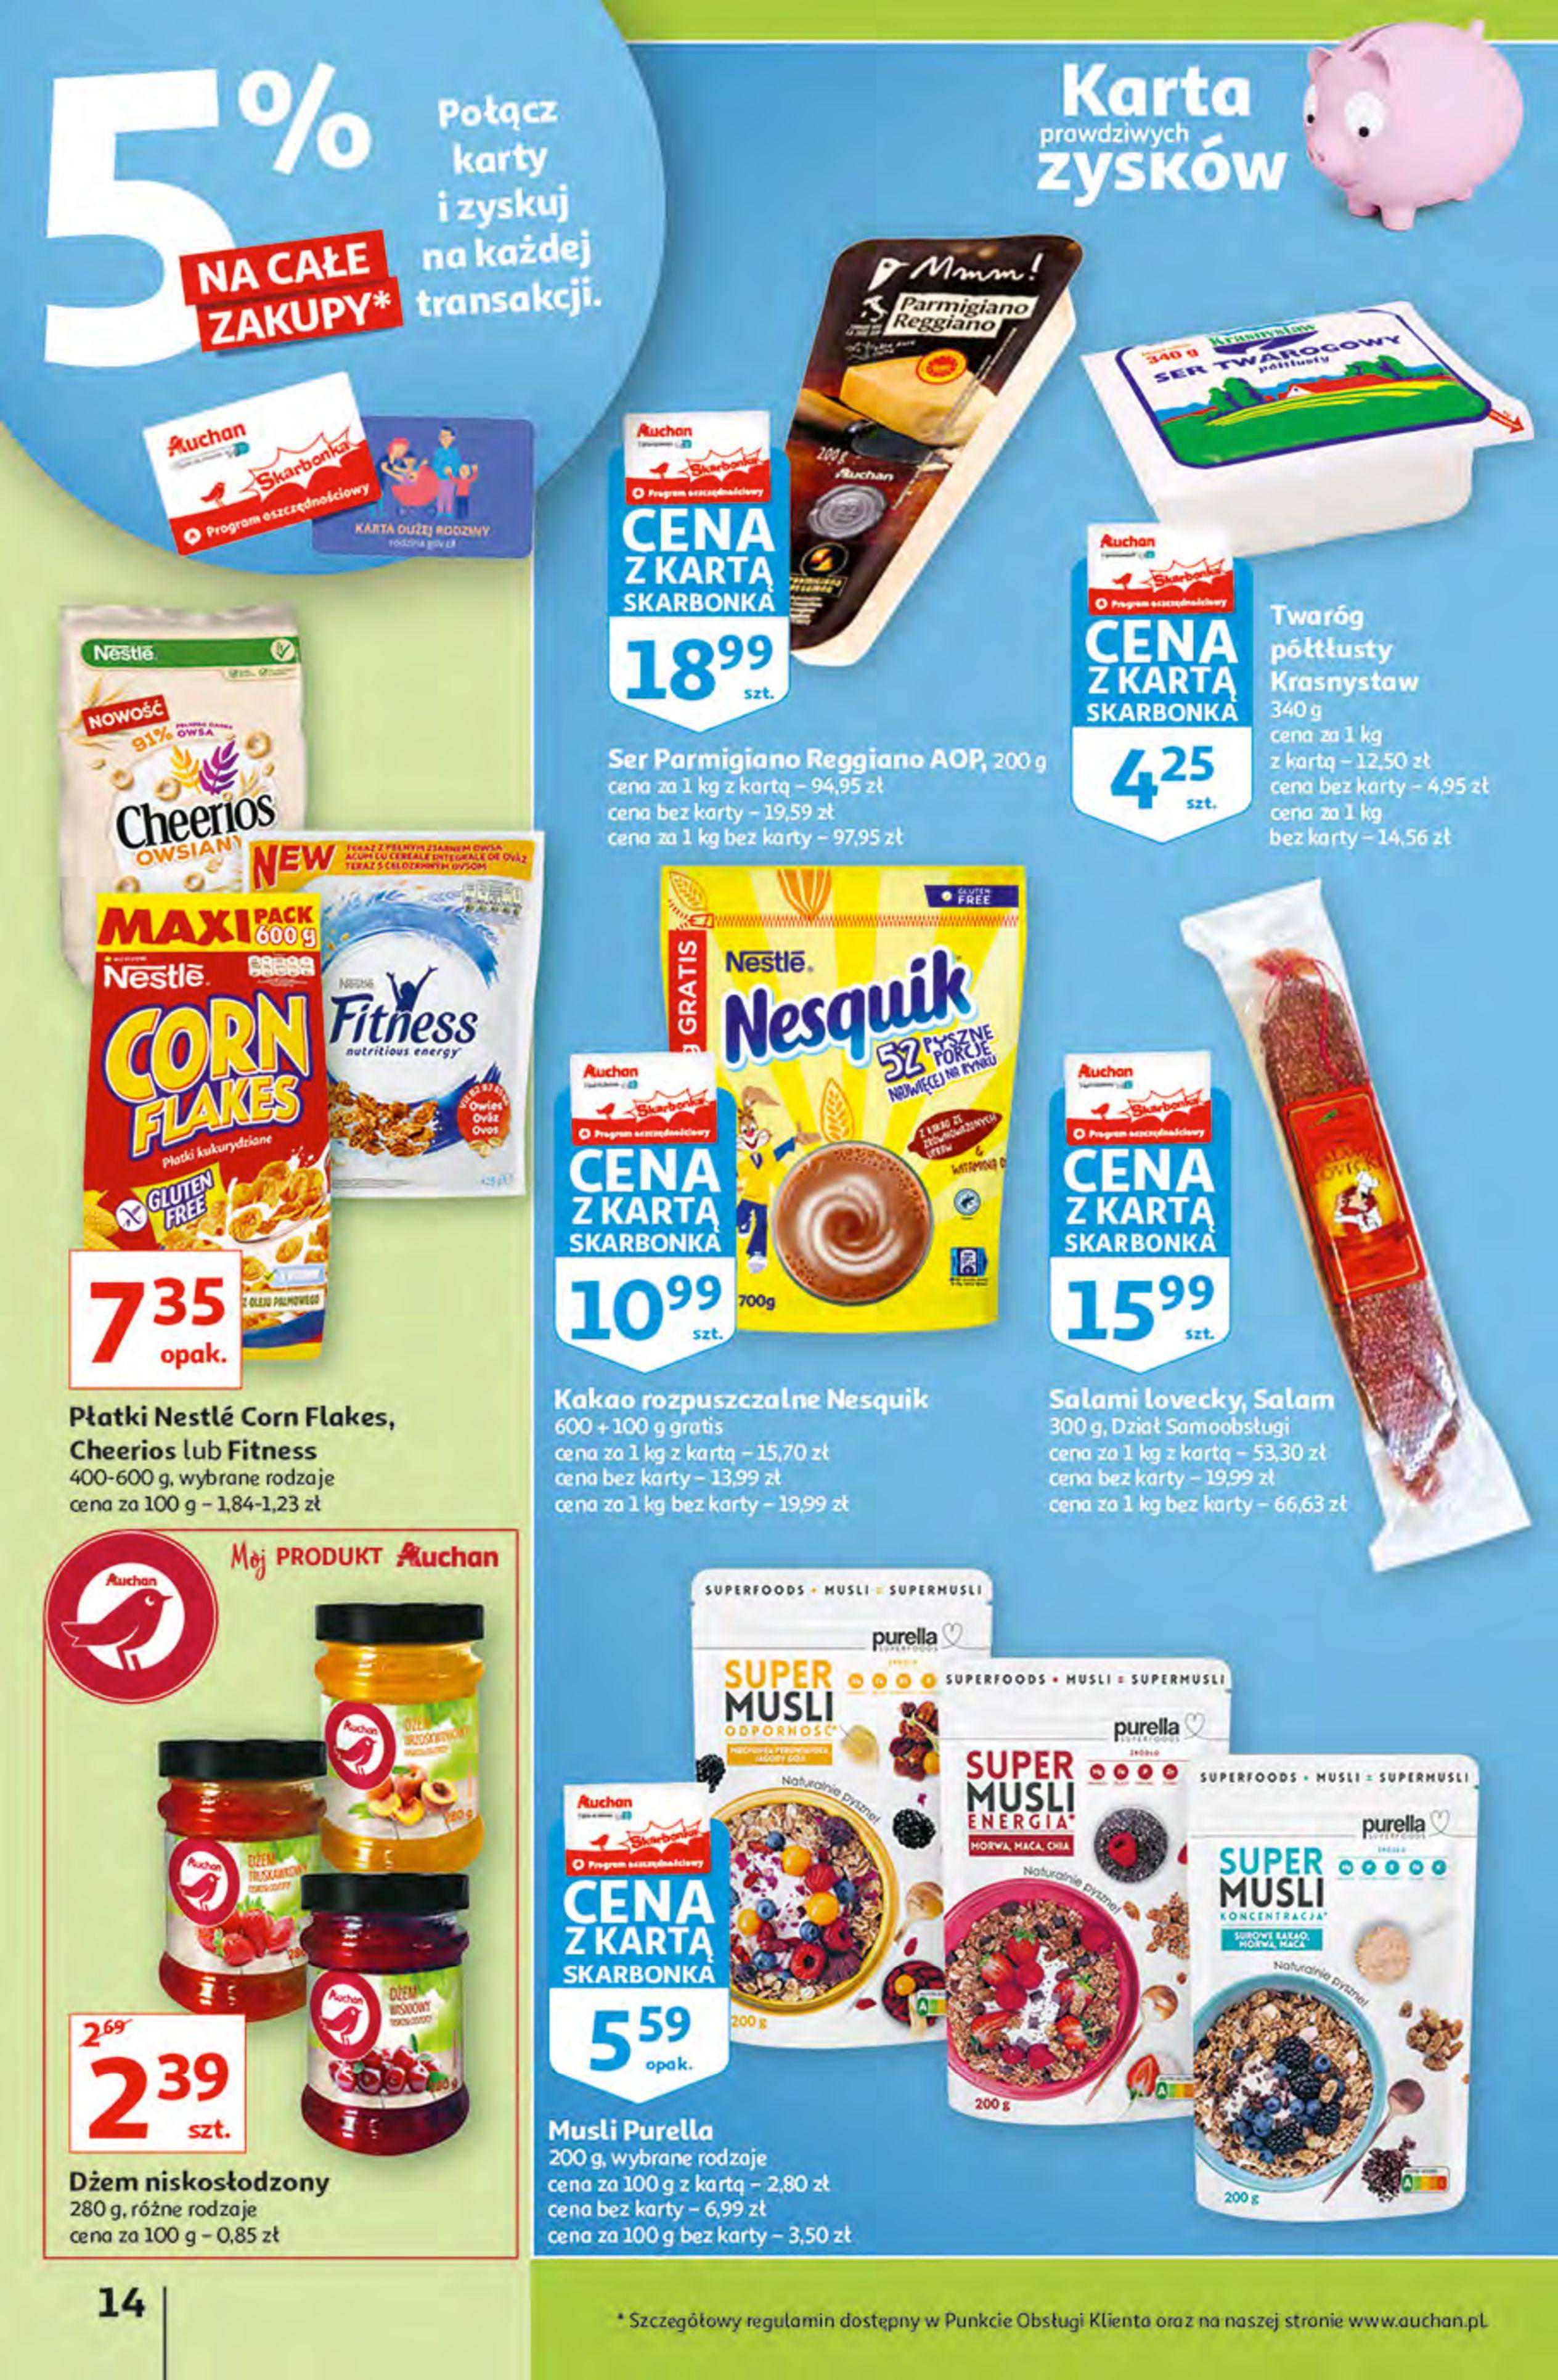 Gazetka Auchan: Gazetka Auchan - Hiperoszczędzanie z Kartą Skarbonka 2 Hipermarkety 2021-10-14 page-14